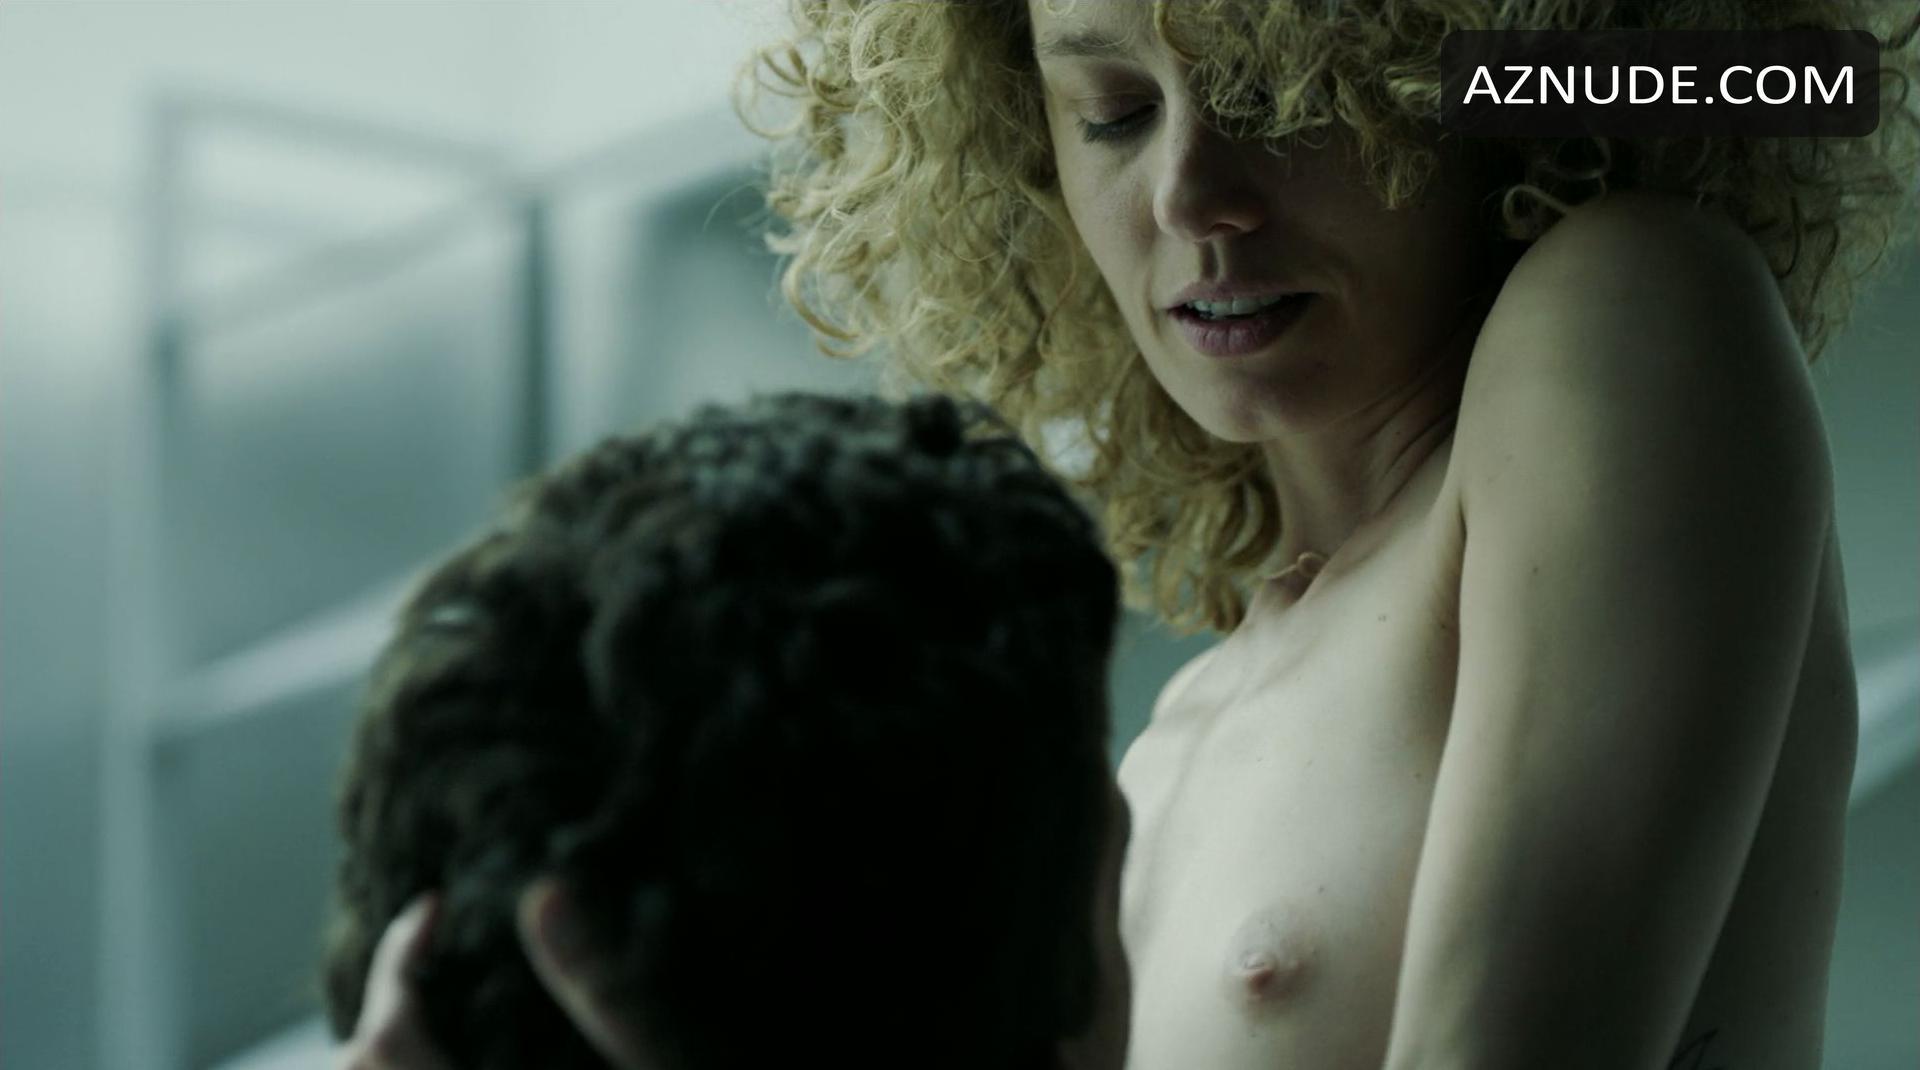 Nude photos of actress diane kruger